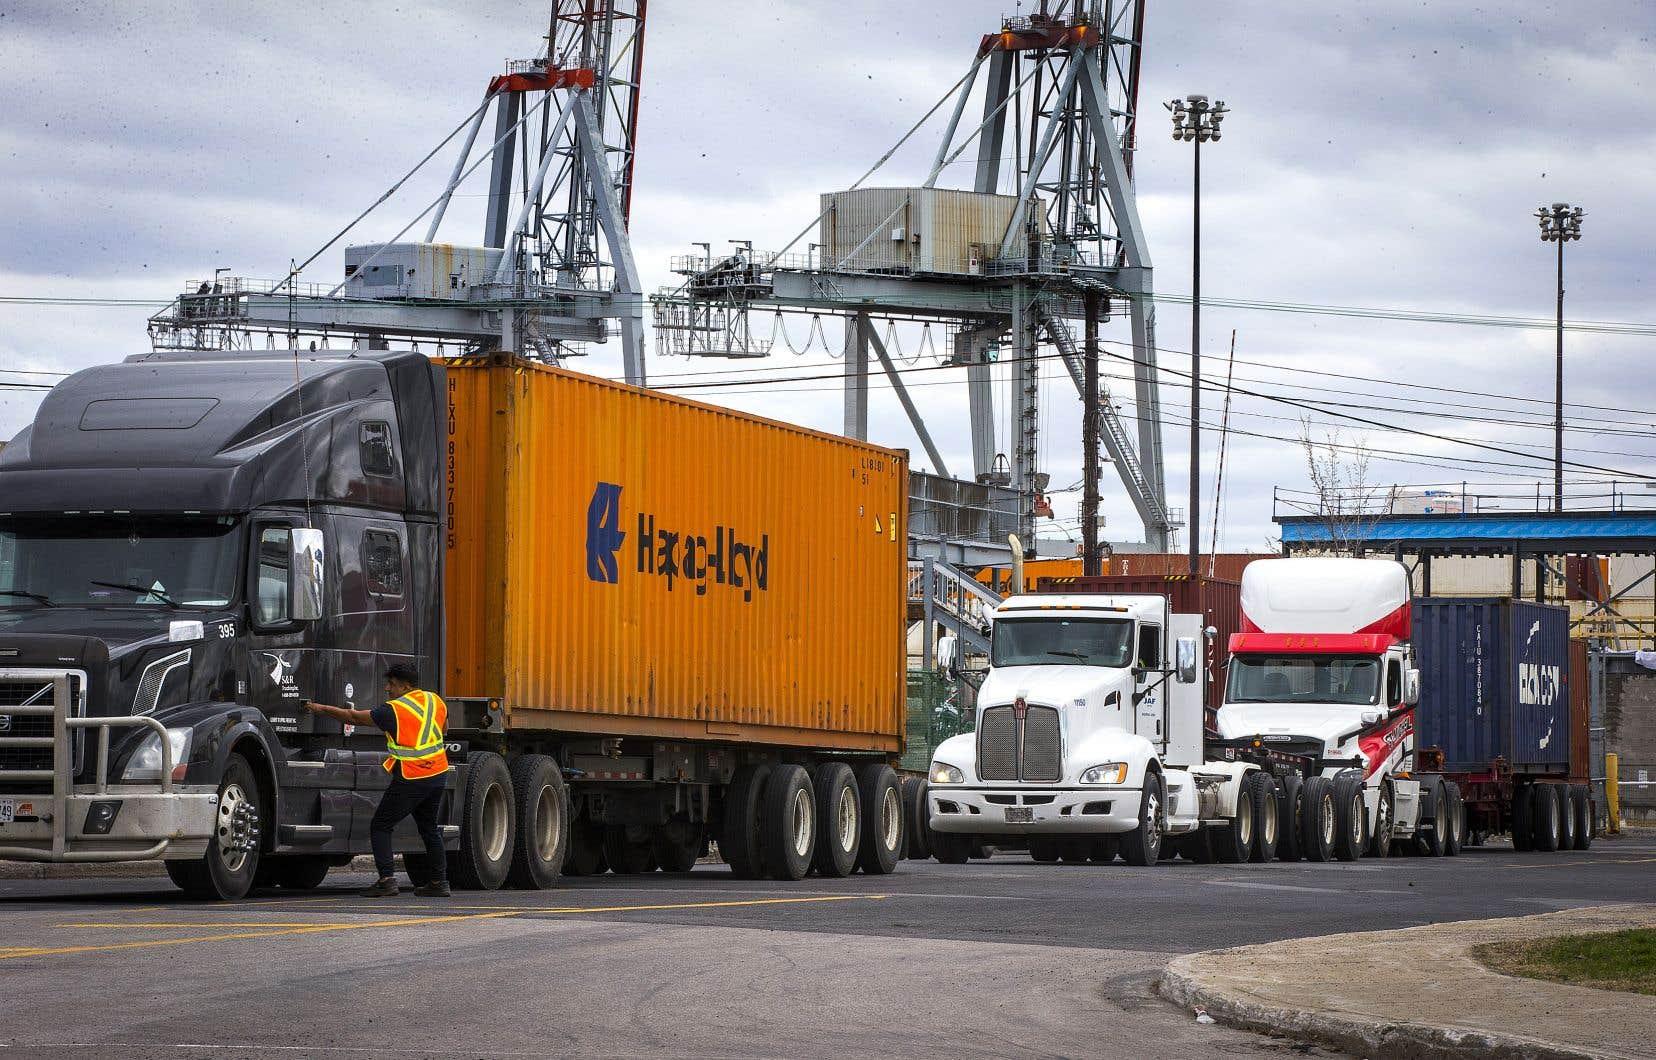 Le syndicat des 1150 débardeurs du port de Montréal a annoncé dimanche qu'il amorcerait un débrayage partiel, après que l'Association des employeurs maritimes eut annoncé qu'elle allait mettre fin à certaines conditions de rémunération des débardeurs.